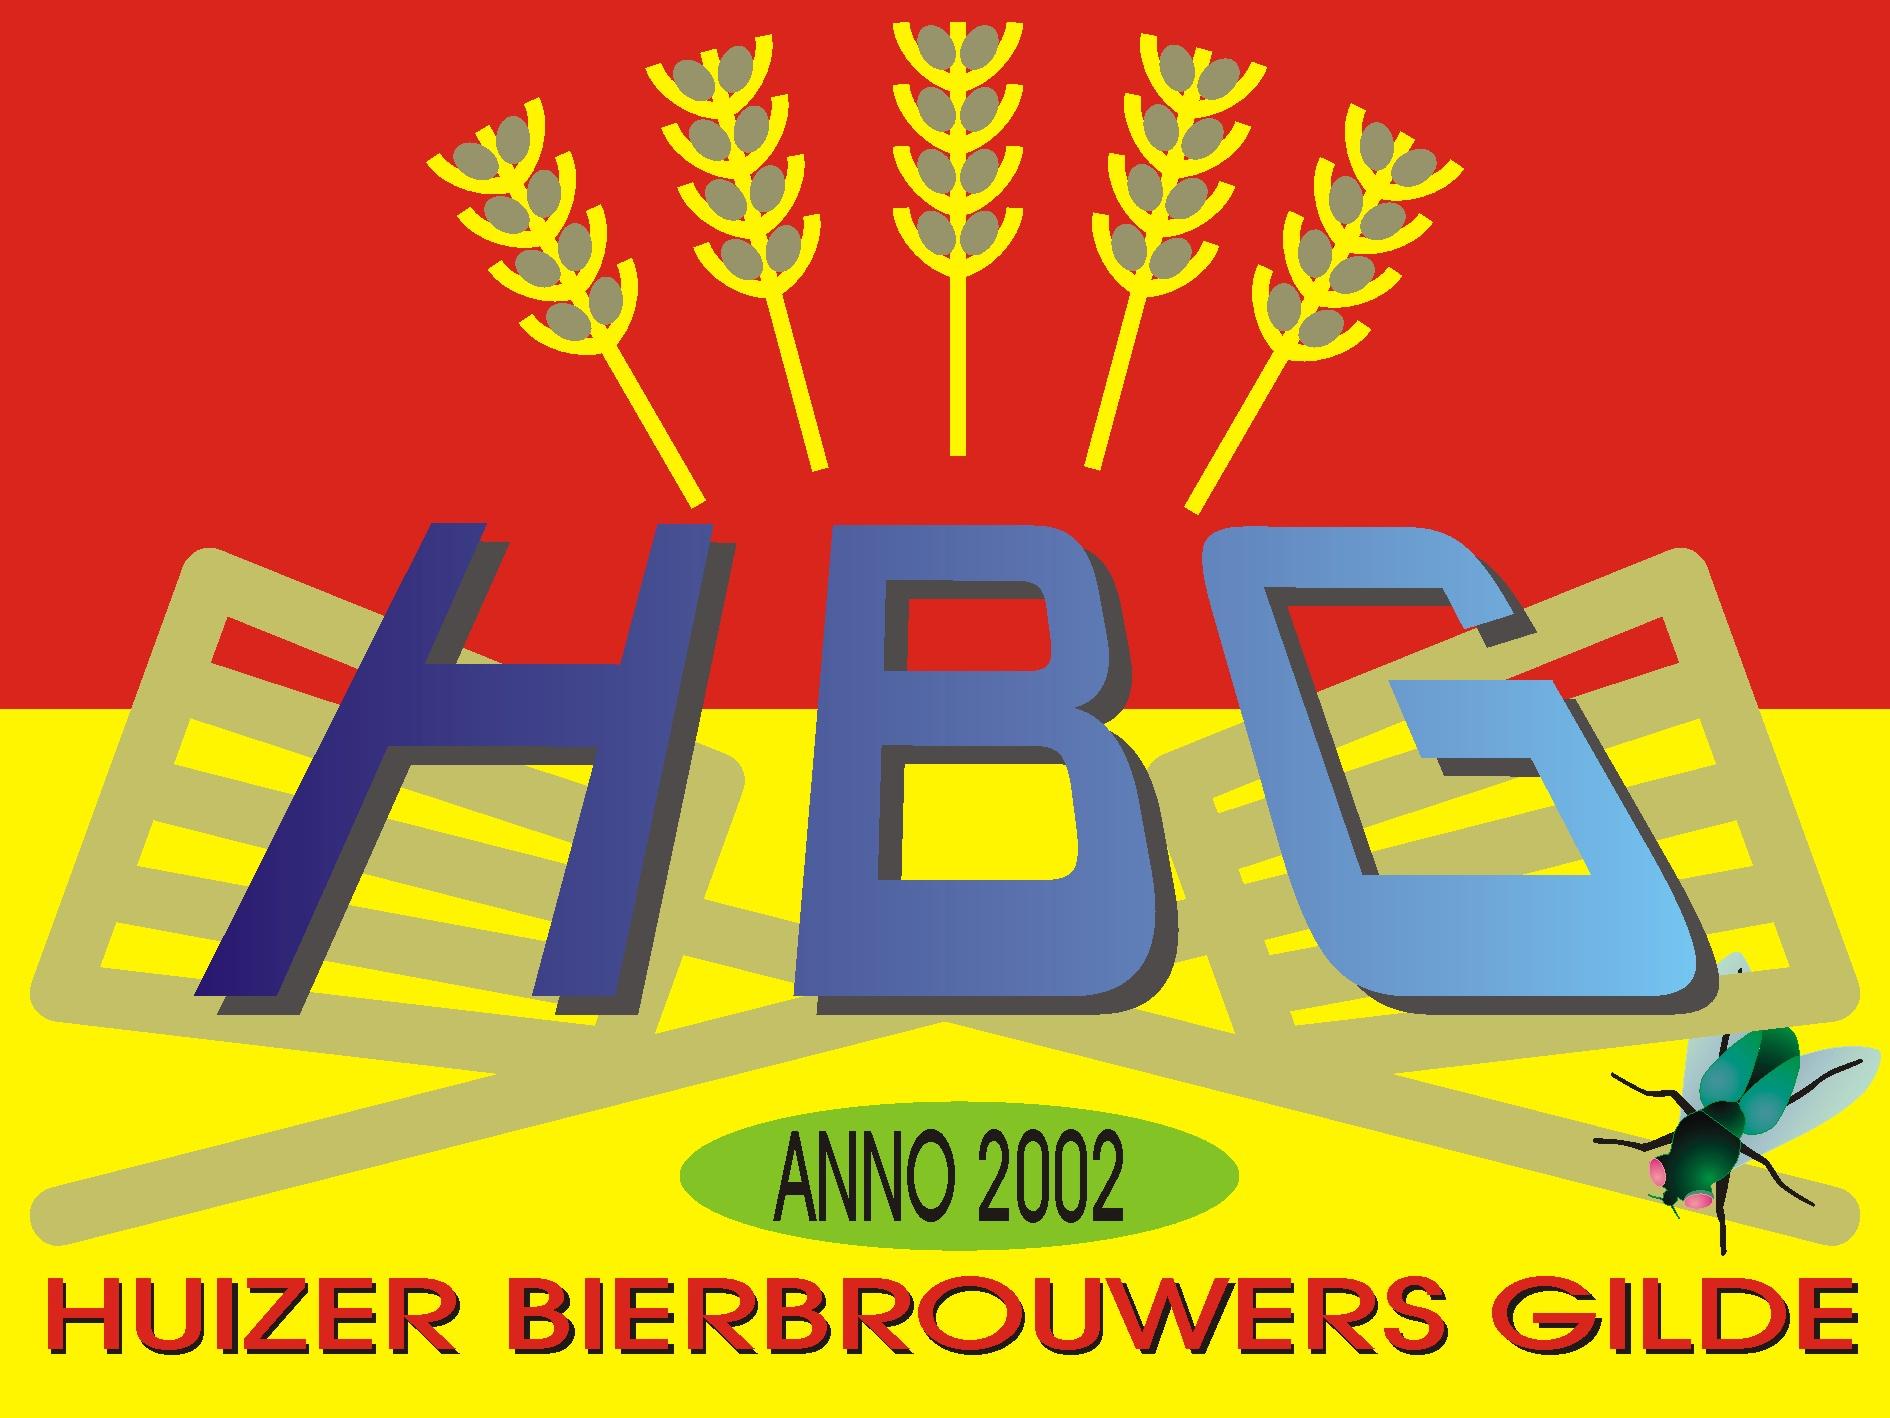 Huizer Bierbrouwers Gilde